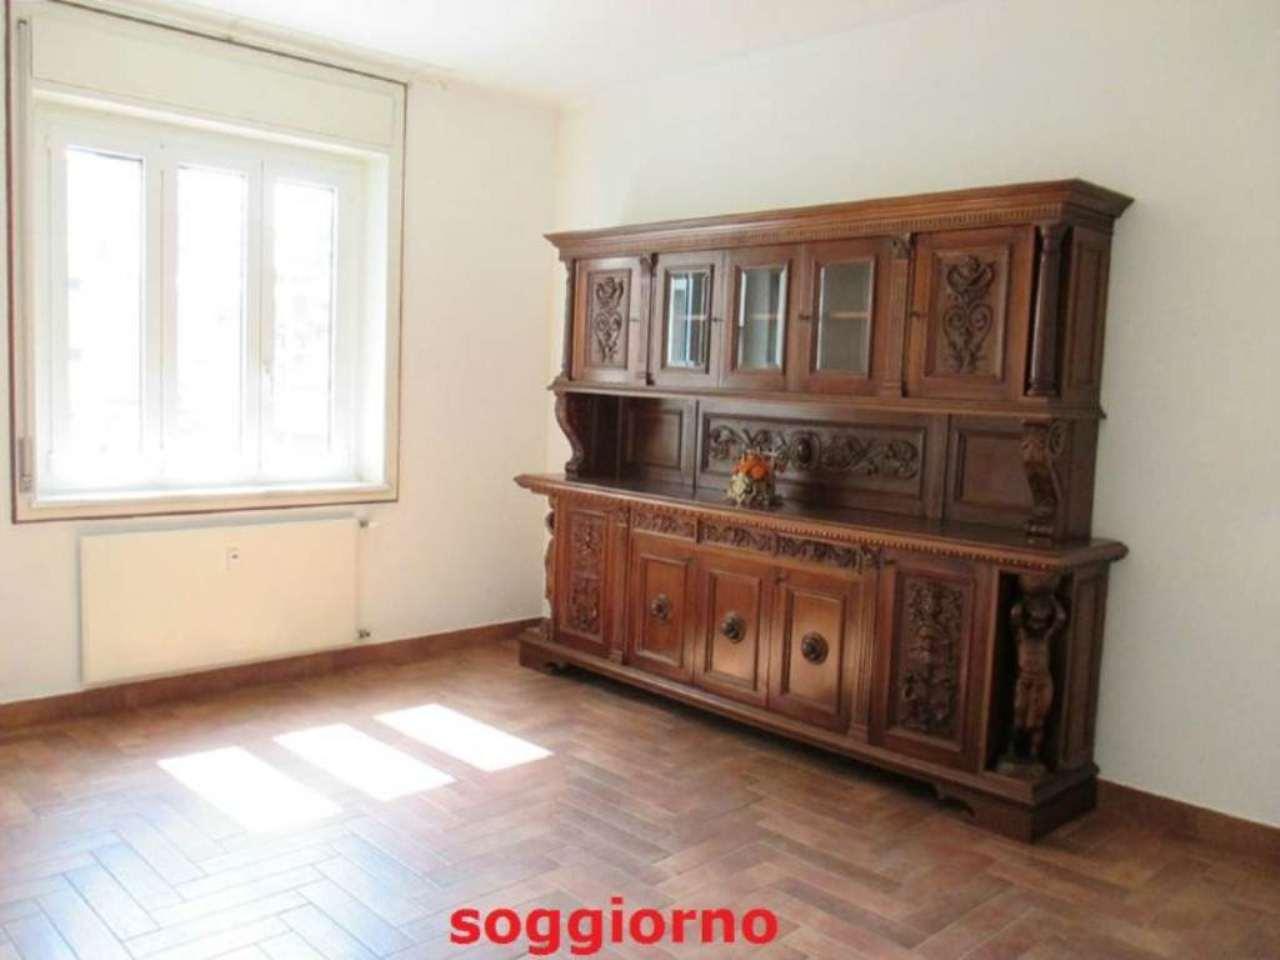 Appartamento in vendita a Saronno, 3 locali, prezzo € 155.000 | Cambio Casa.it